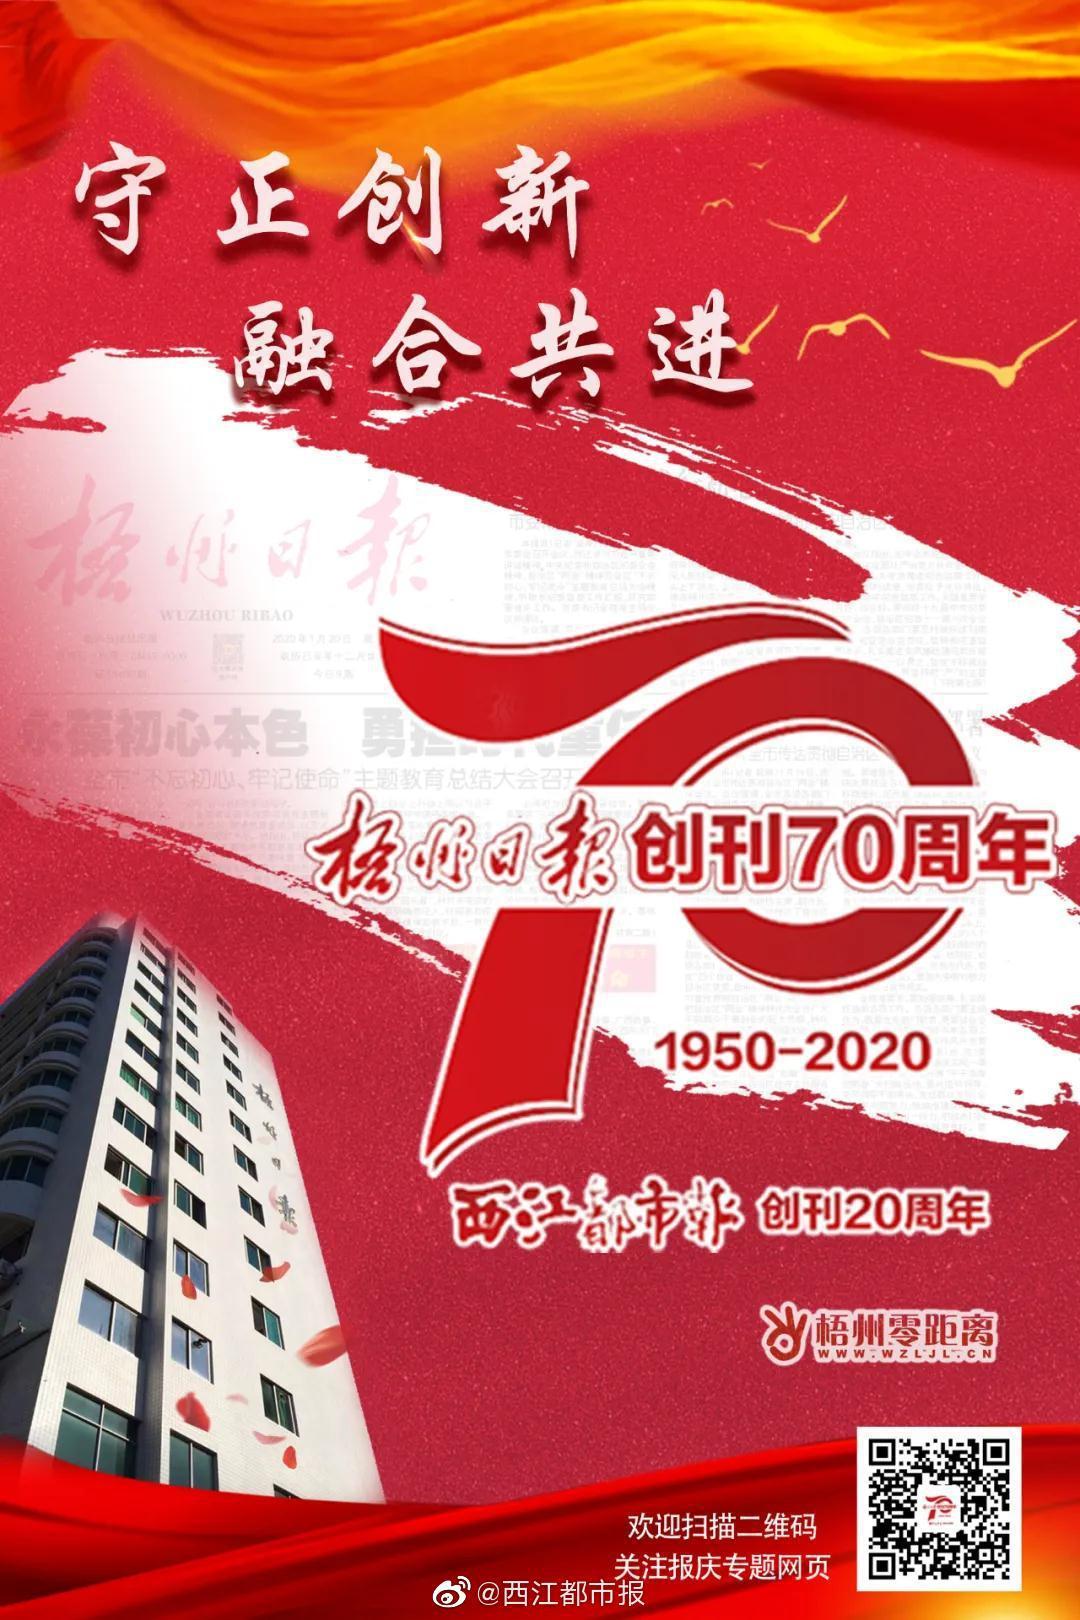 热烈祝贺《梧州日报》创刊70周年、《西江都市报》创刊20周年